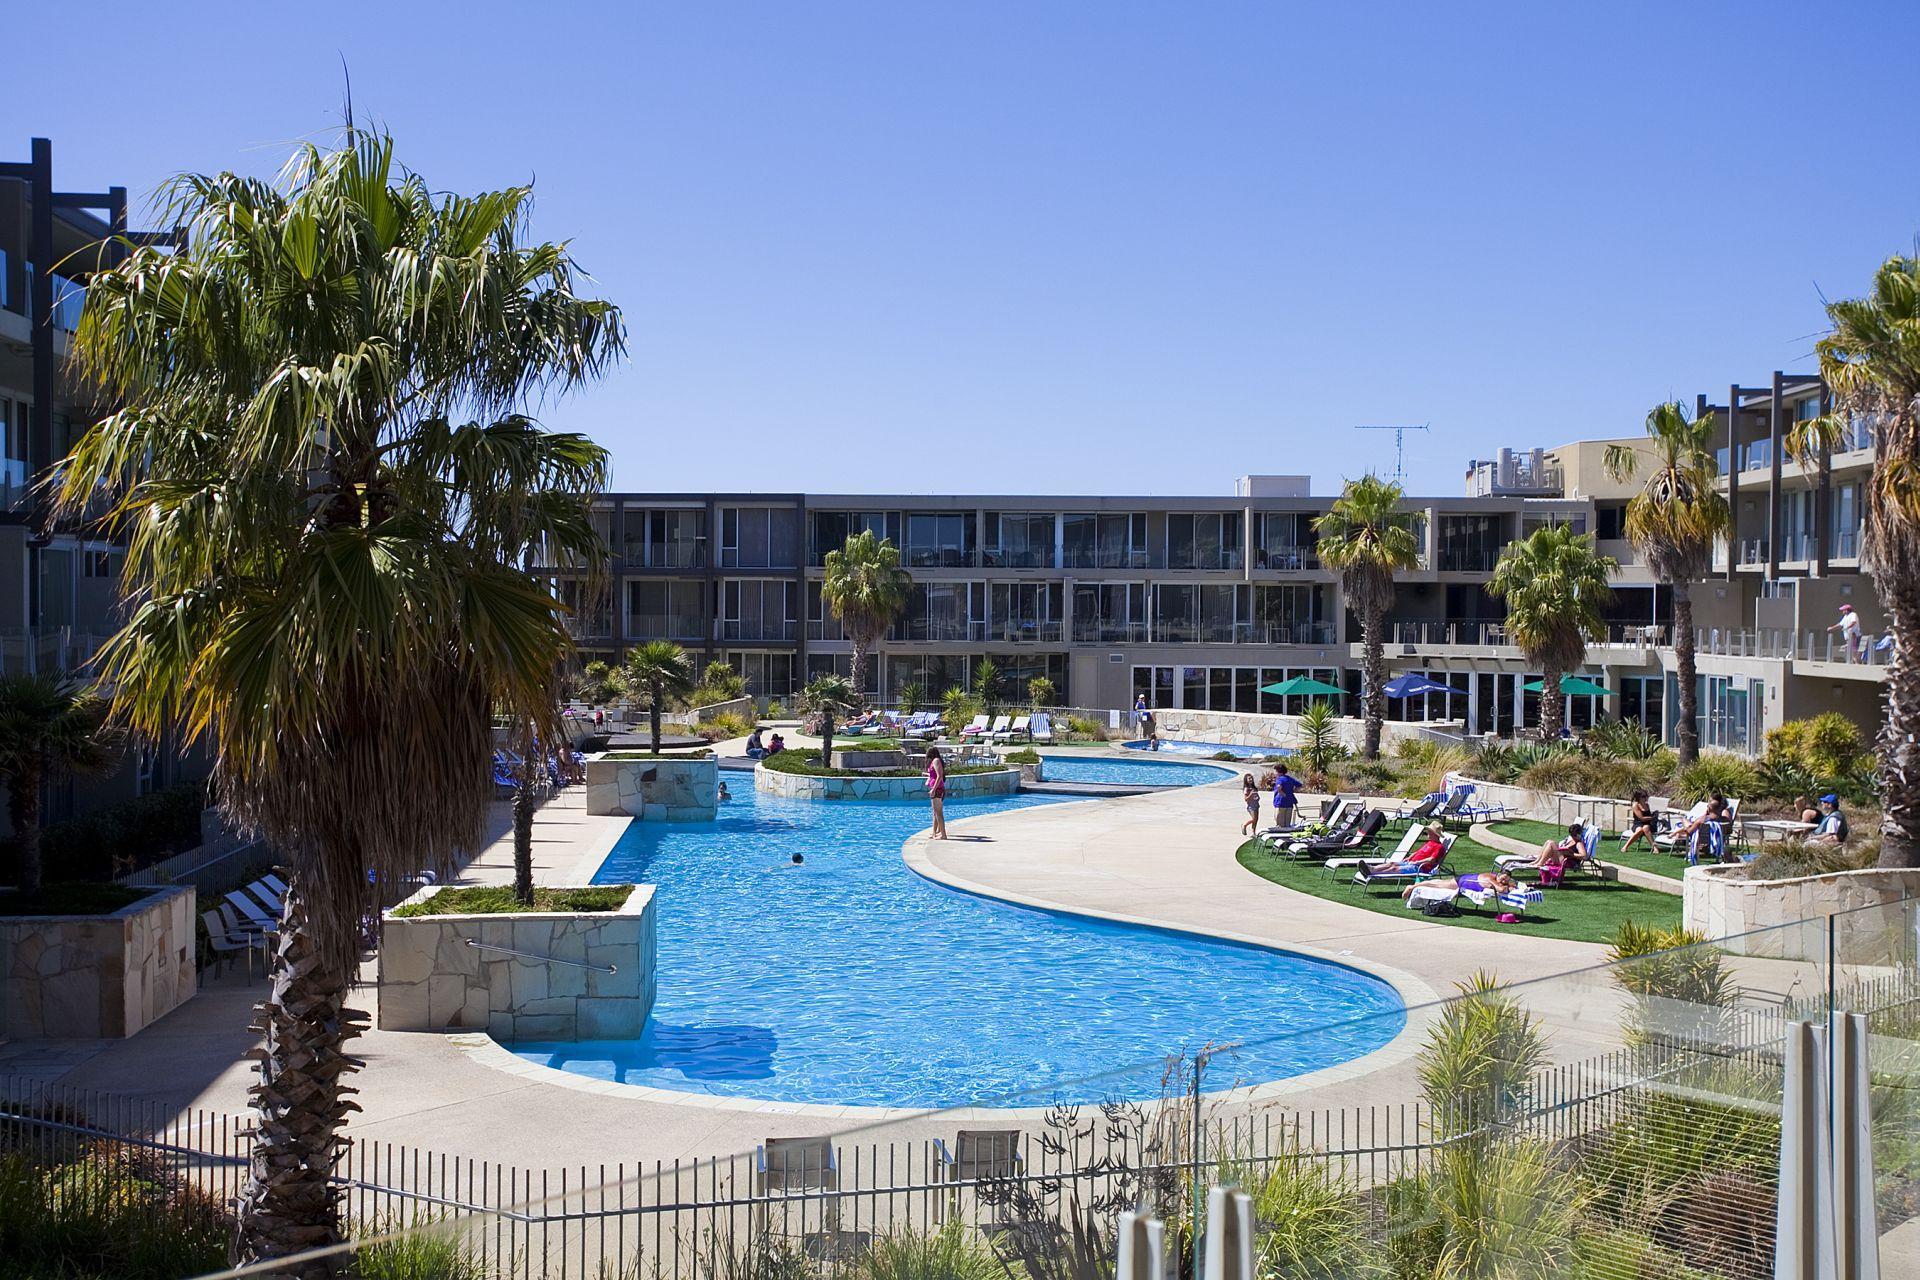 The Beachfront Resort Torquay